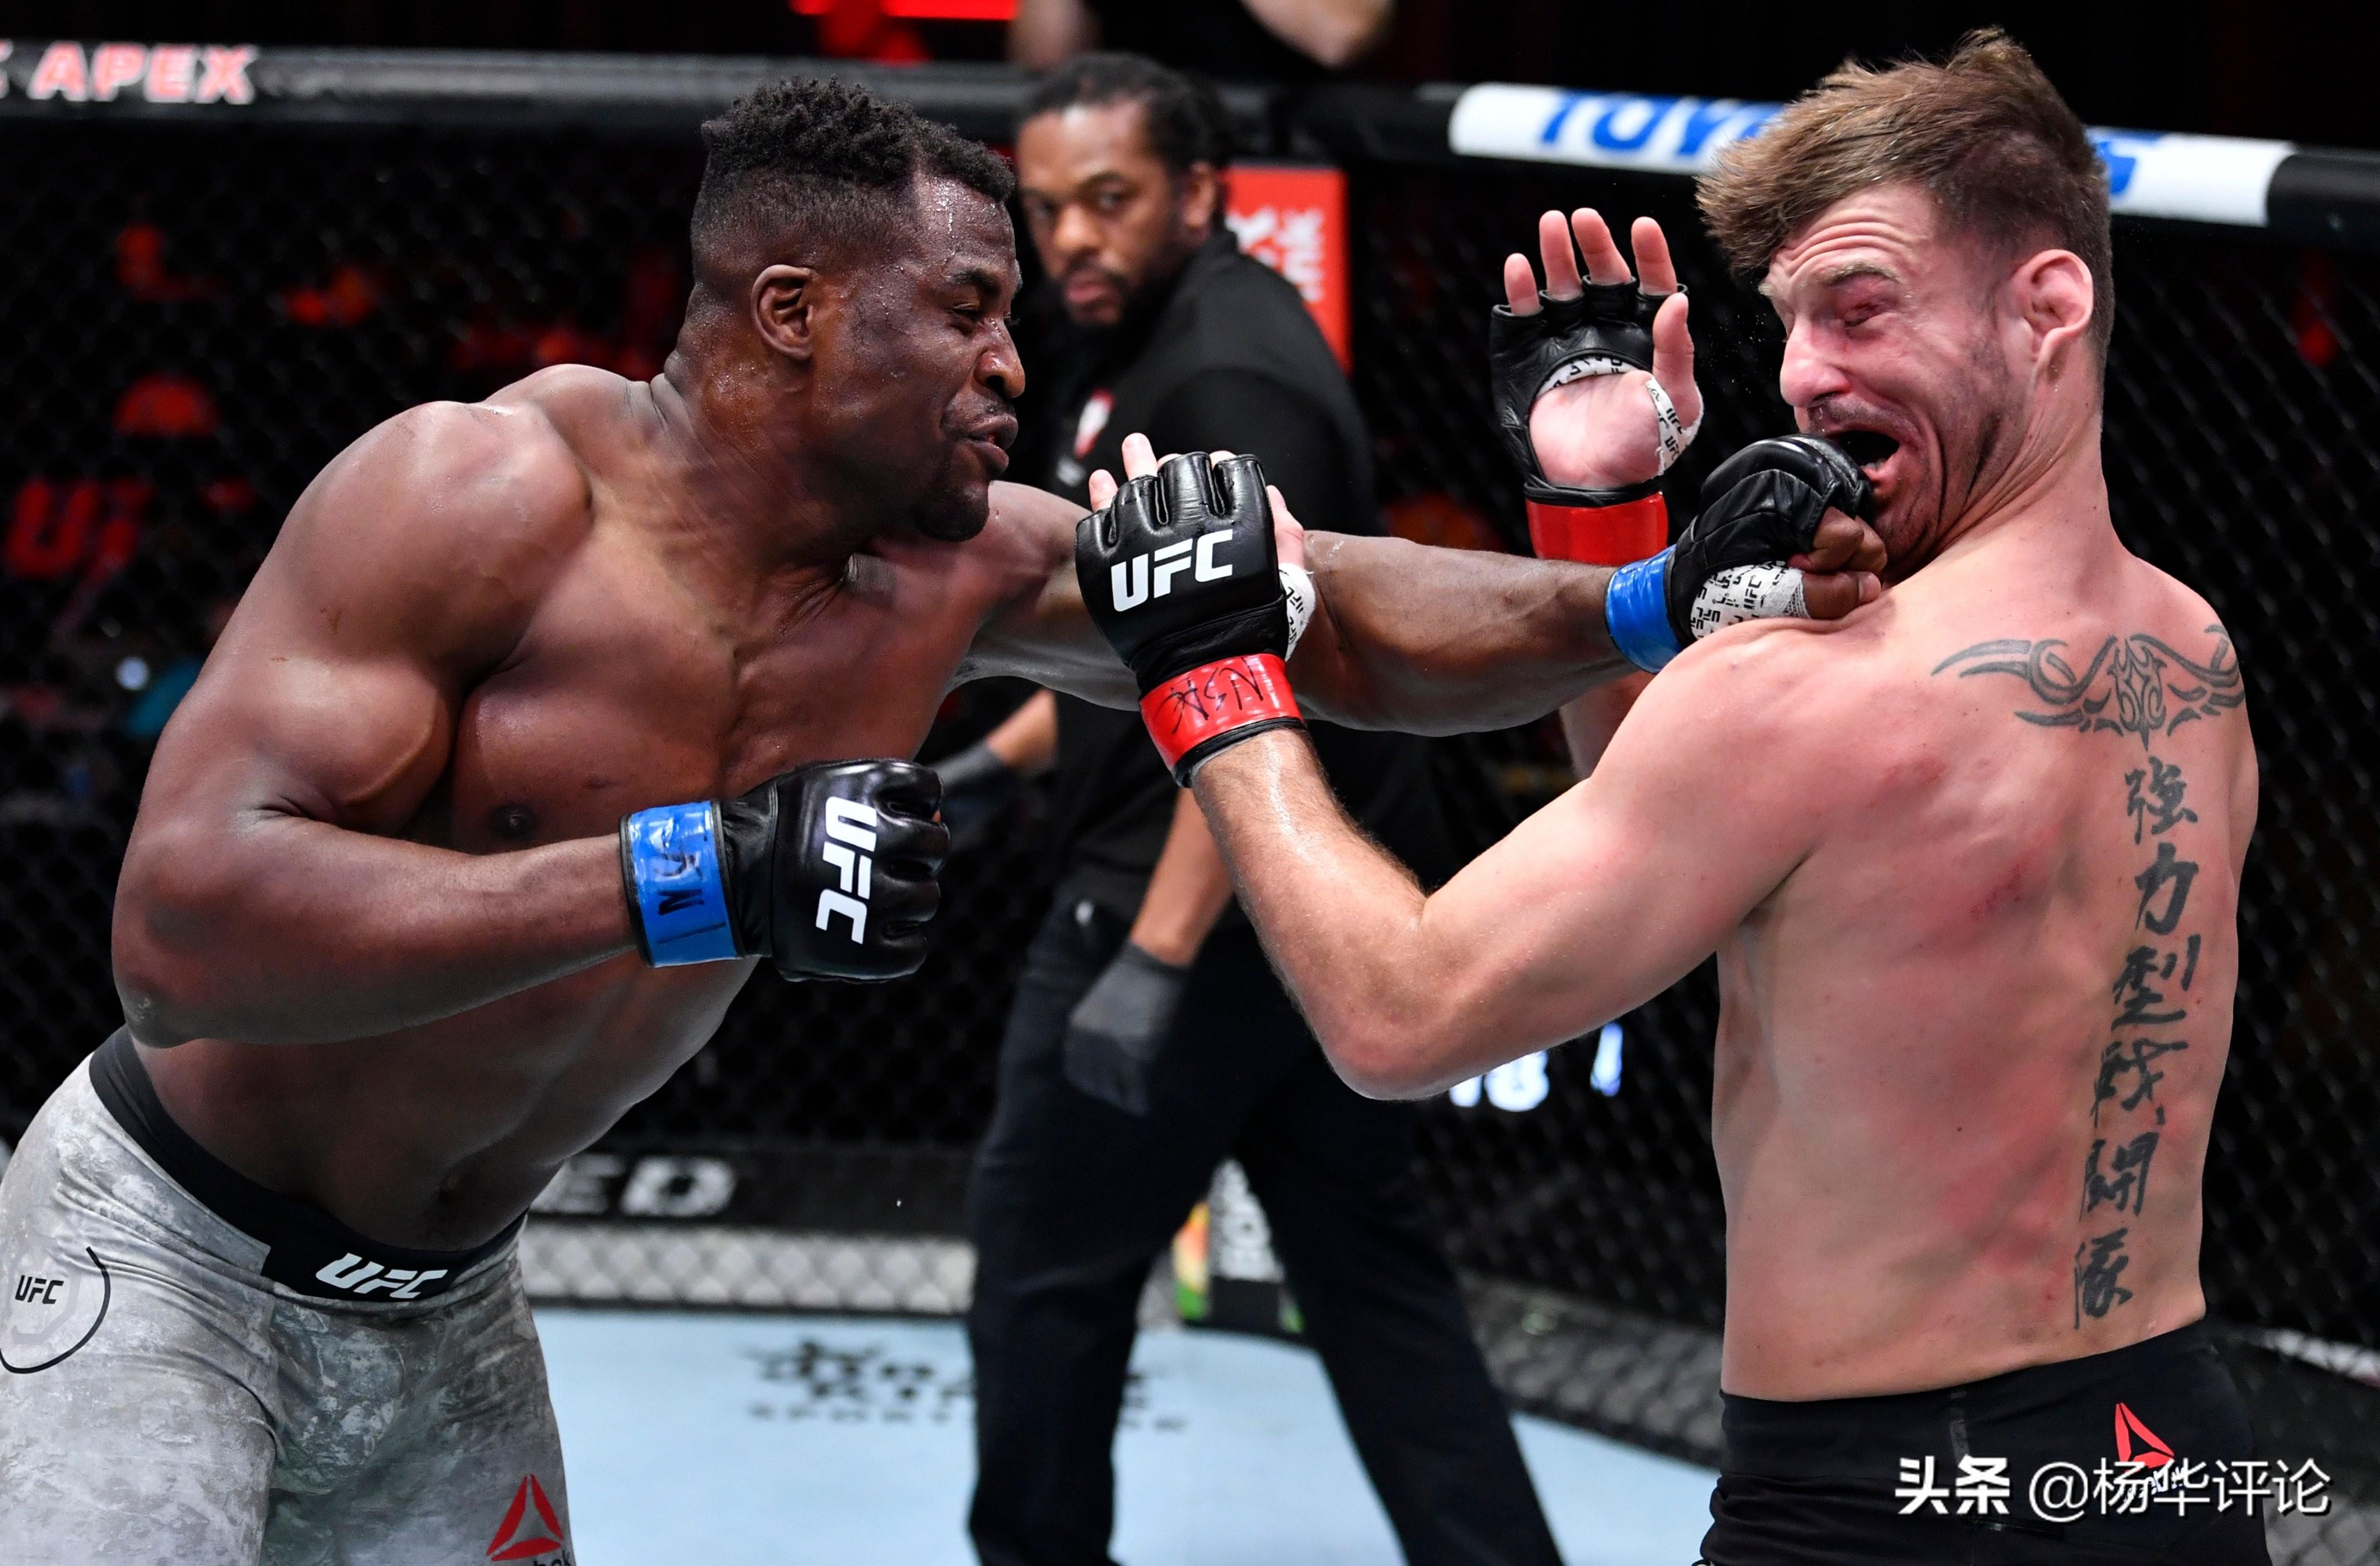 励志!纳干诺复仇米欧奇获UFC世界冠军,几年前他还在街头流浪